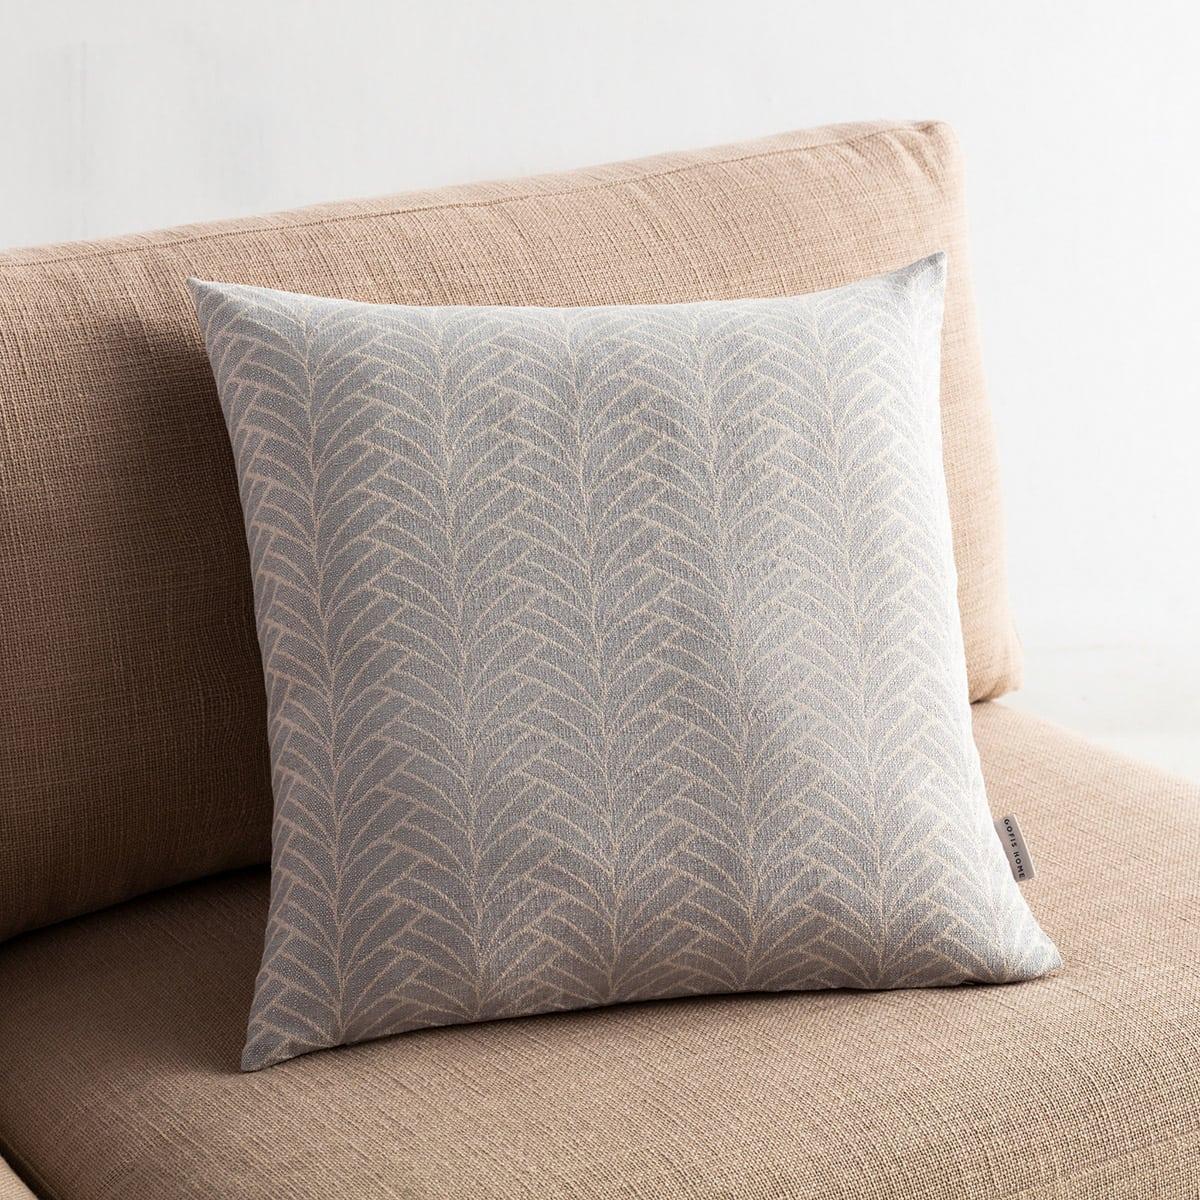 Μαξιλαροθήκη Διακοσμητική Seashell 223/15 Grey Gofis Home 50X50 Βαμβάκι-Polyester